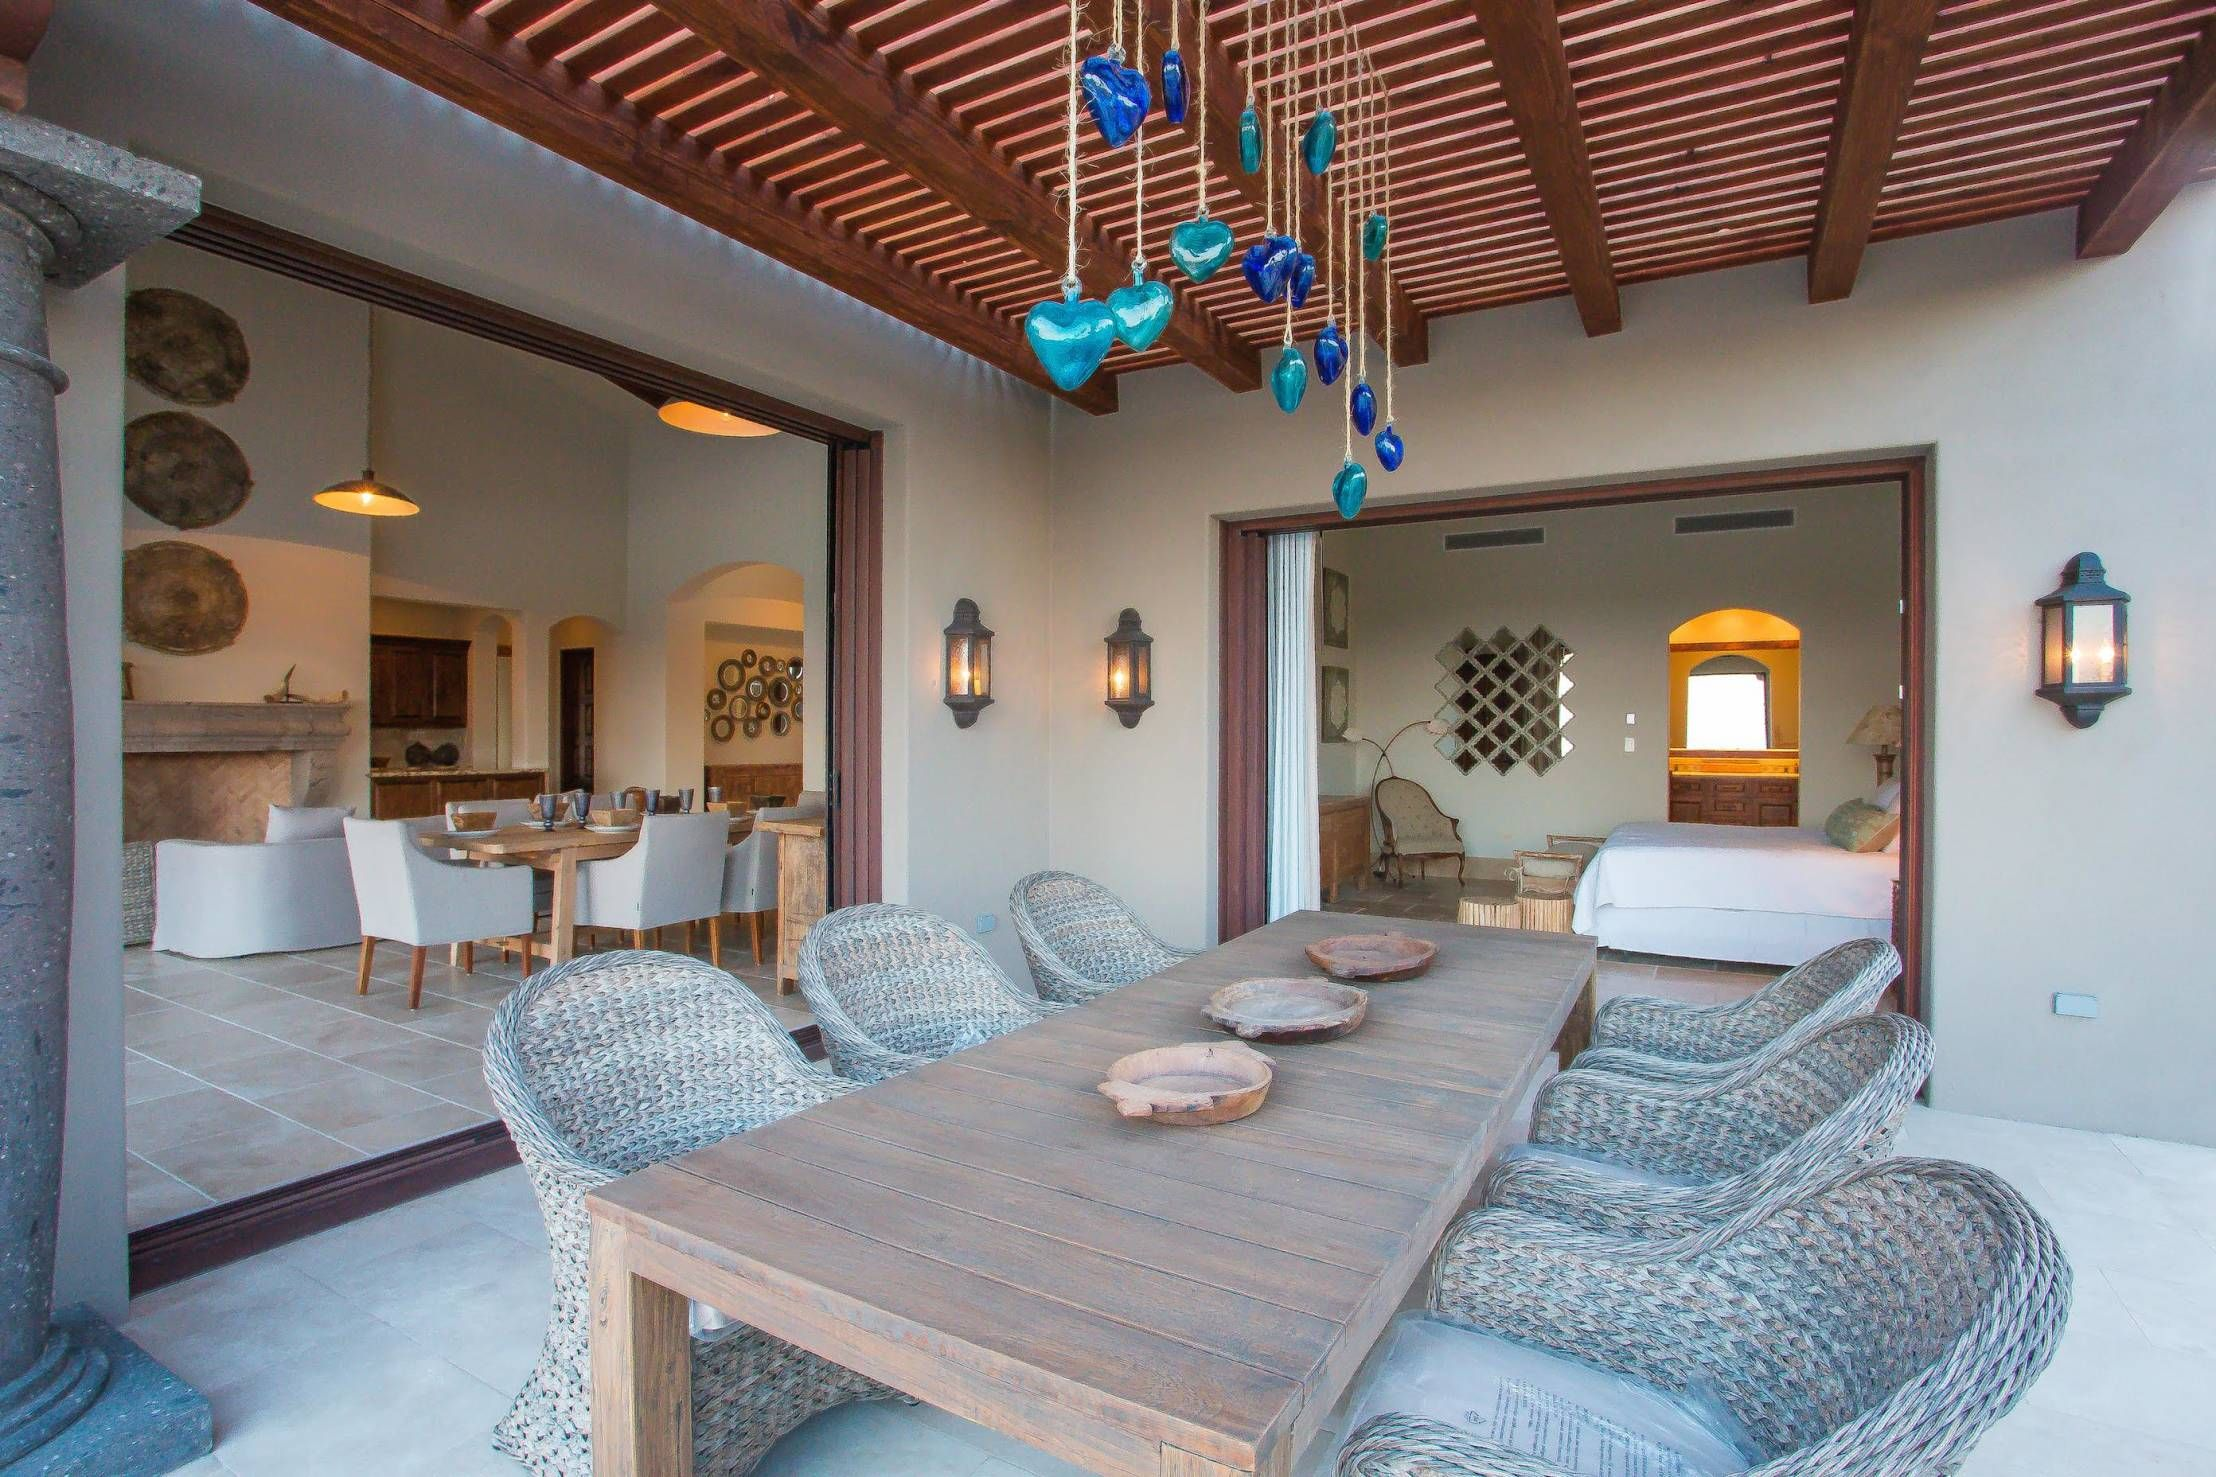 15 terrazas r sticas sensacionales ideas para el hogar for Decoracion rustica mexicana